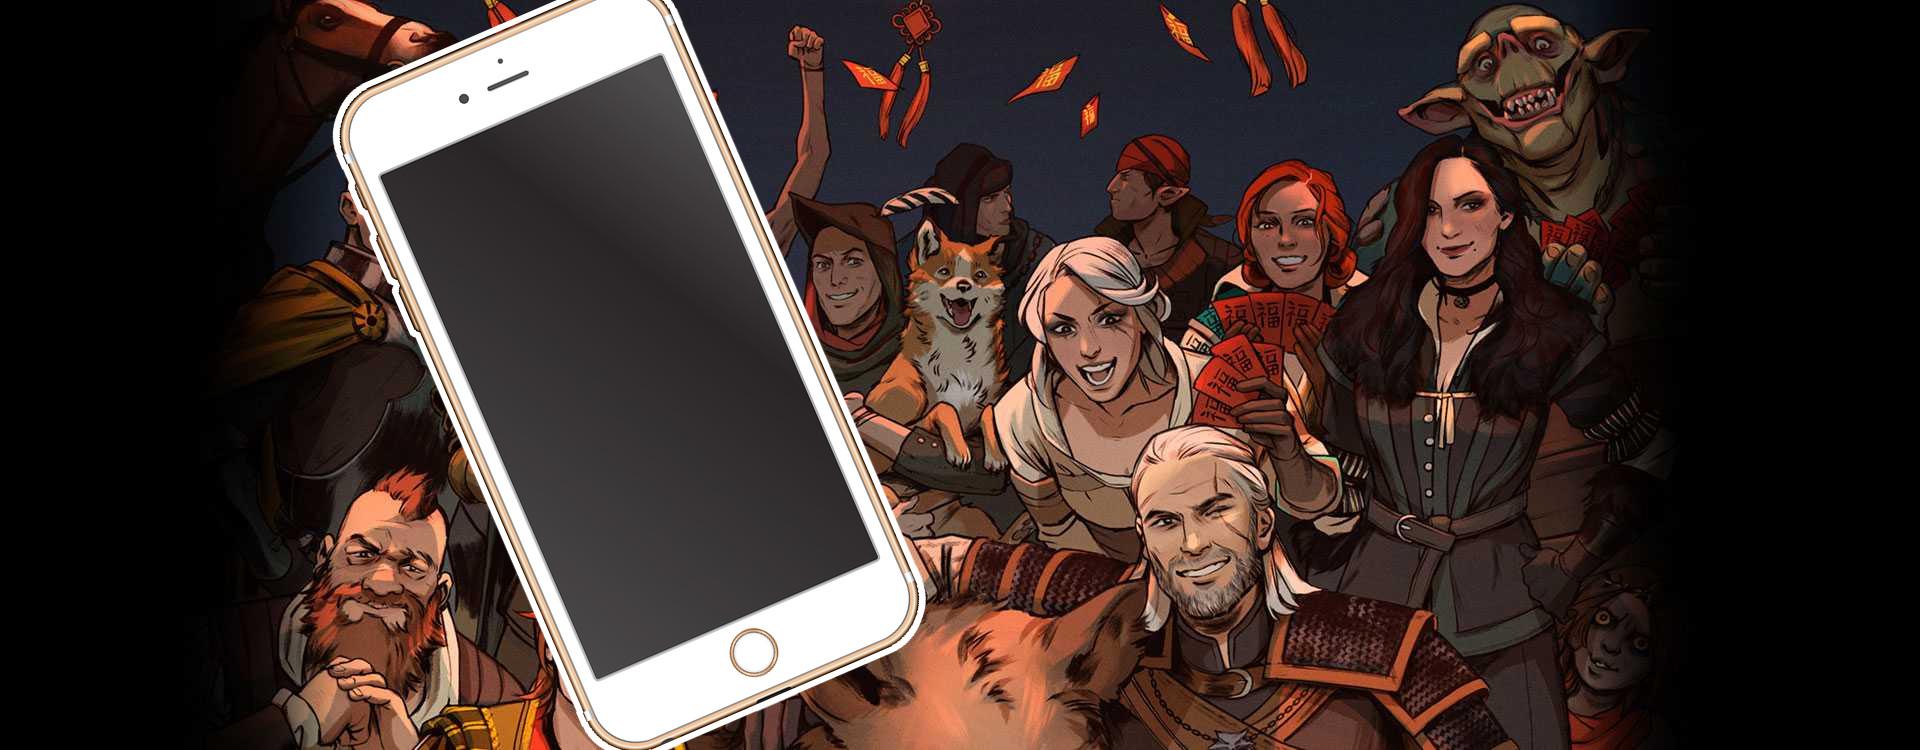 """GWENT, das """"Witcher-Hearthstone"""" kommt noch 2019 für iOS, Android später"""